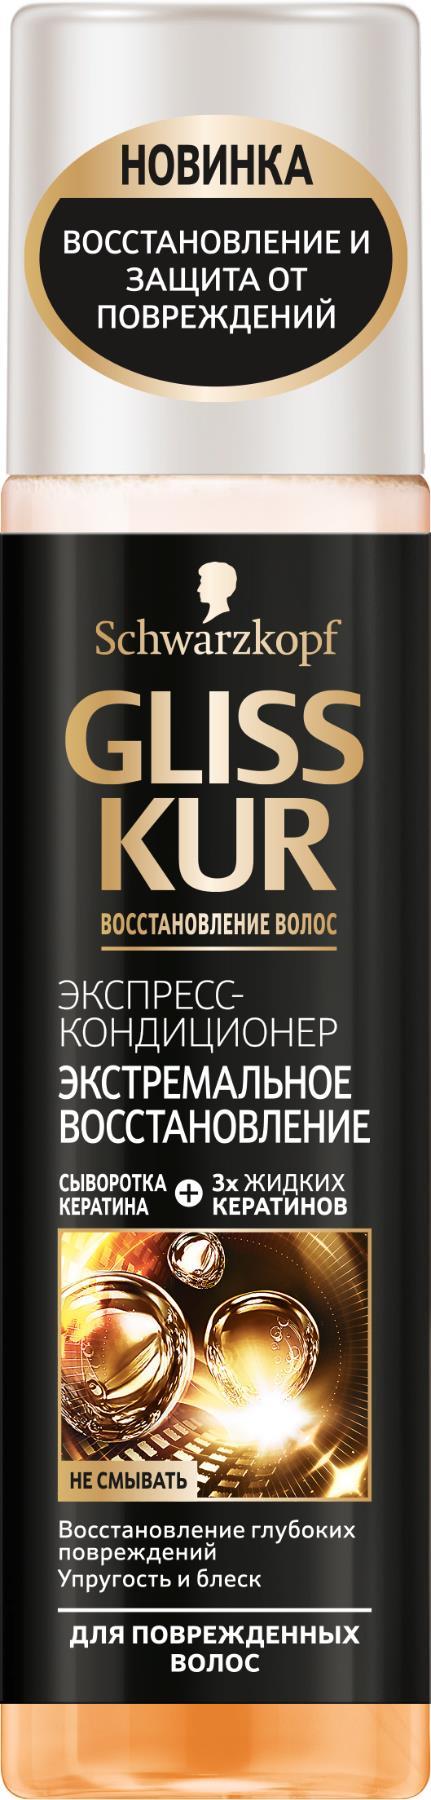 Gliss Kur Экспресс-кондиционер Экстремальное восстановление, для сильно поврежденных и сухих волос, 200 мл экспресс кондиционер экстремальное восстановление для поврежденных и сухих волос 200 мл